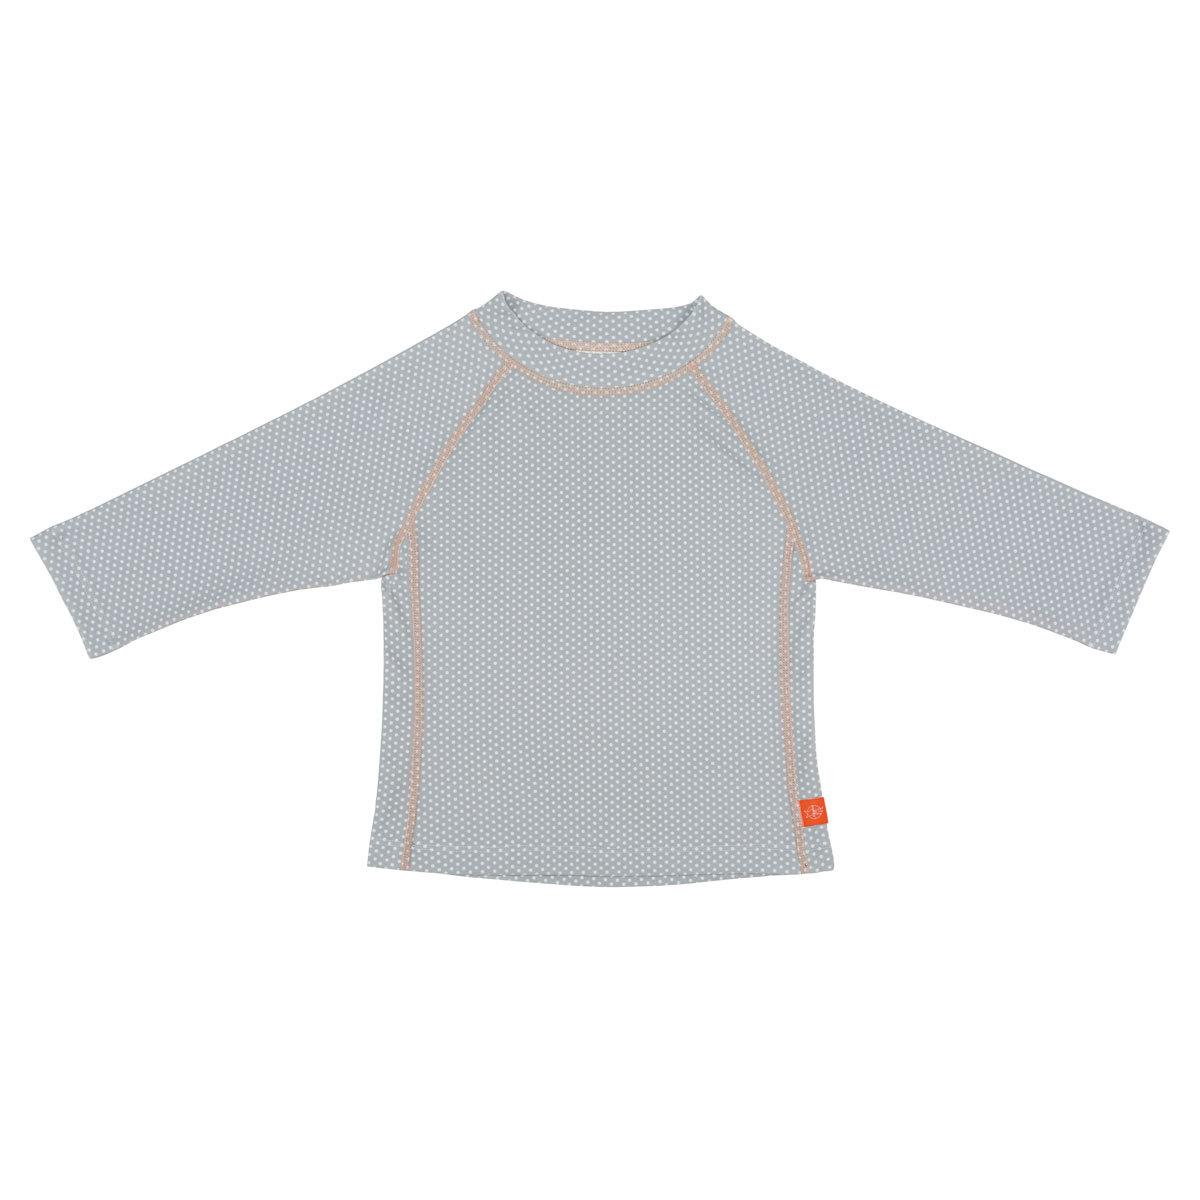 Accessoires Bébé T-Shirt Anti-UV Manches Longues - Polka Gris - 6 mois T-Shirt Anti-UV Manches Longues - Polka Gris - 6 mois